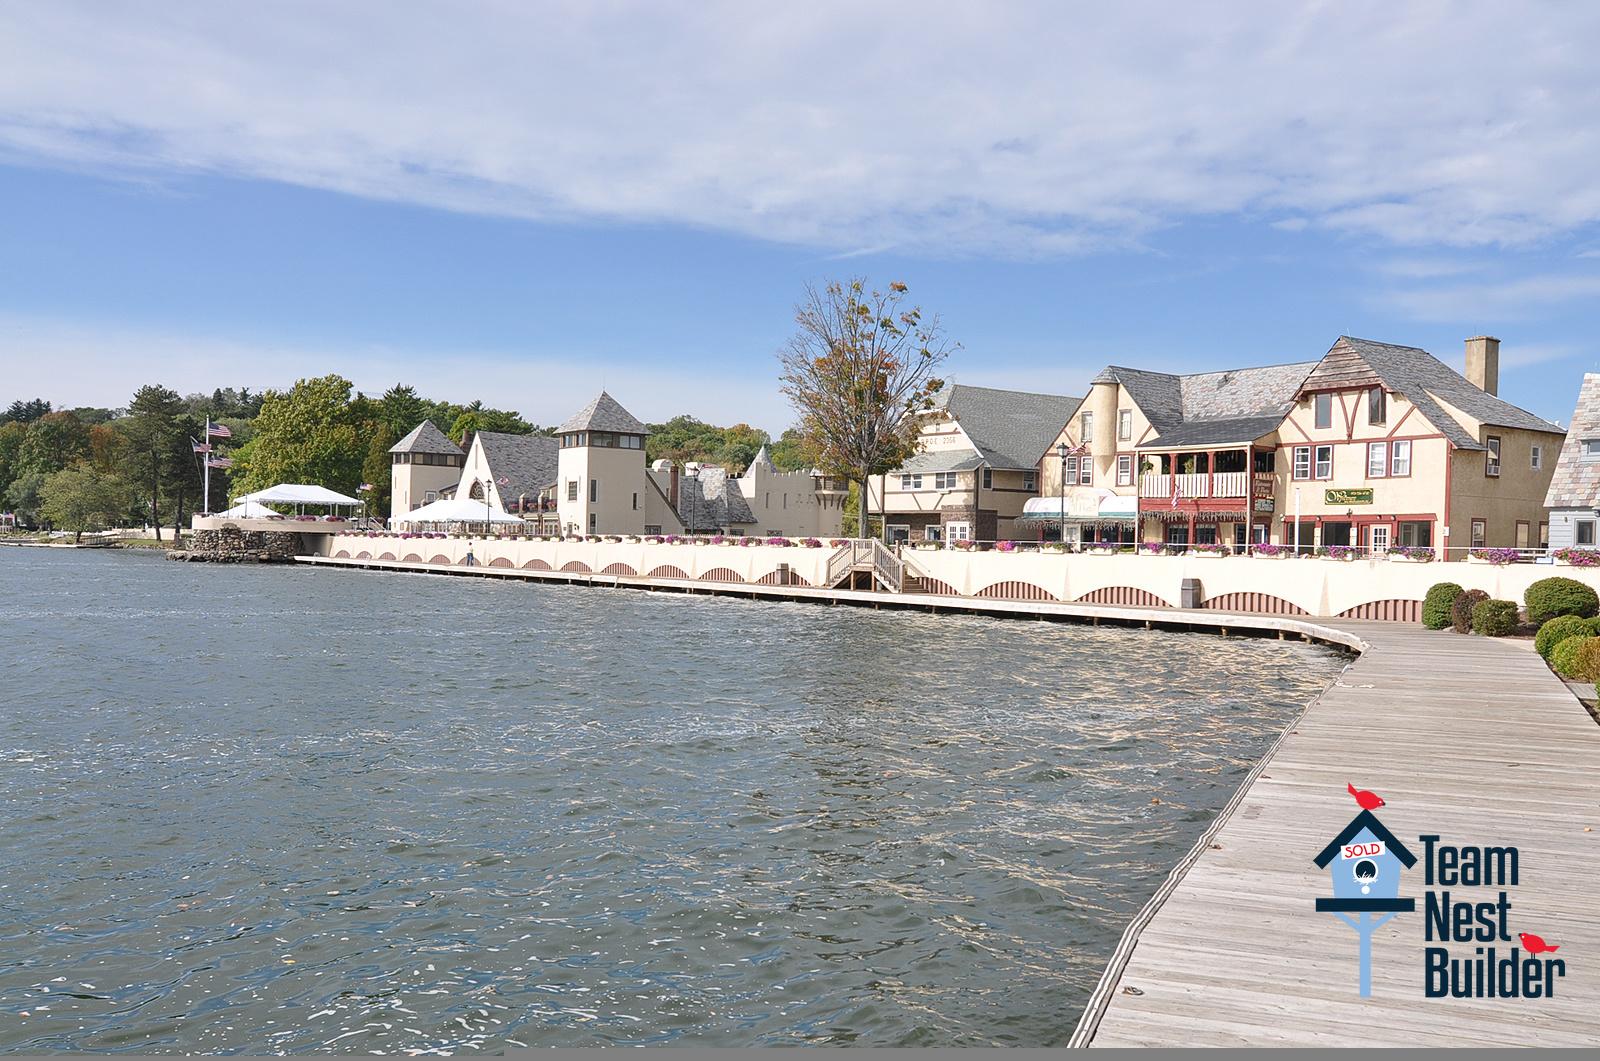 Beautiful Lake Mohawk's boardwalk